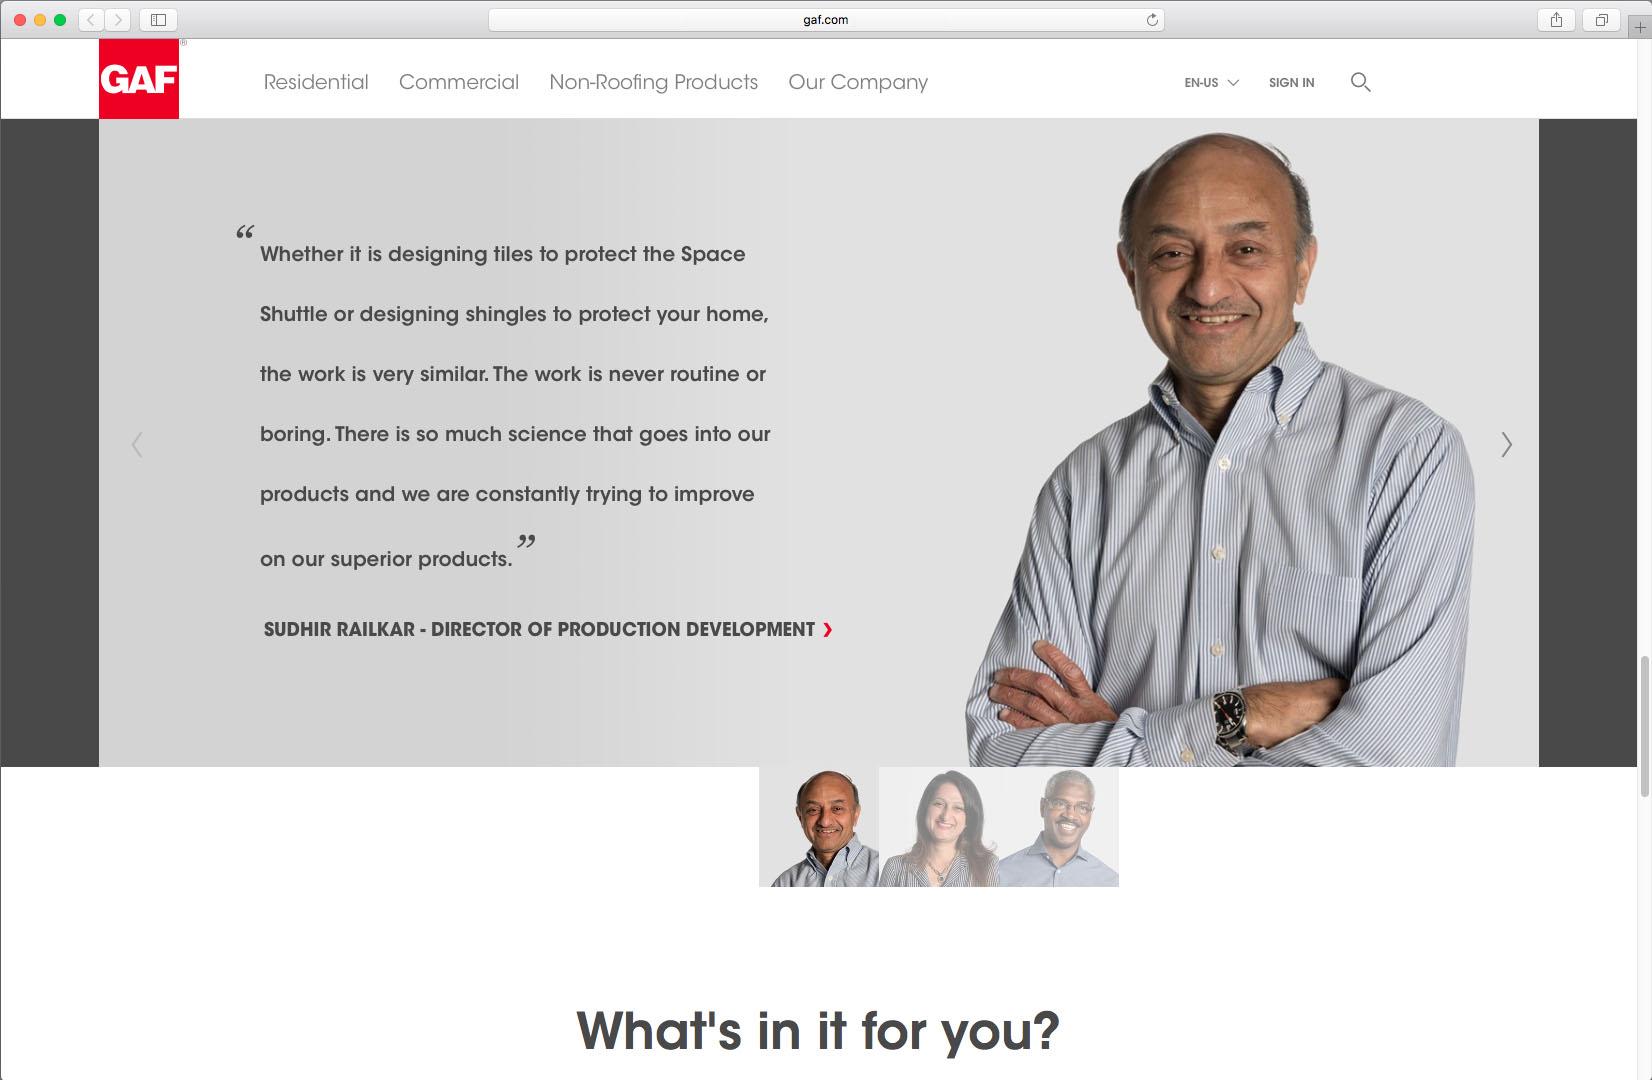 gaf.com.1